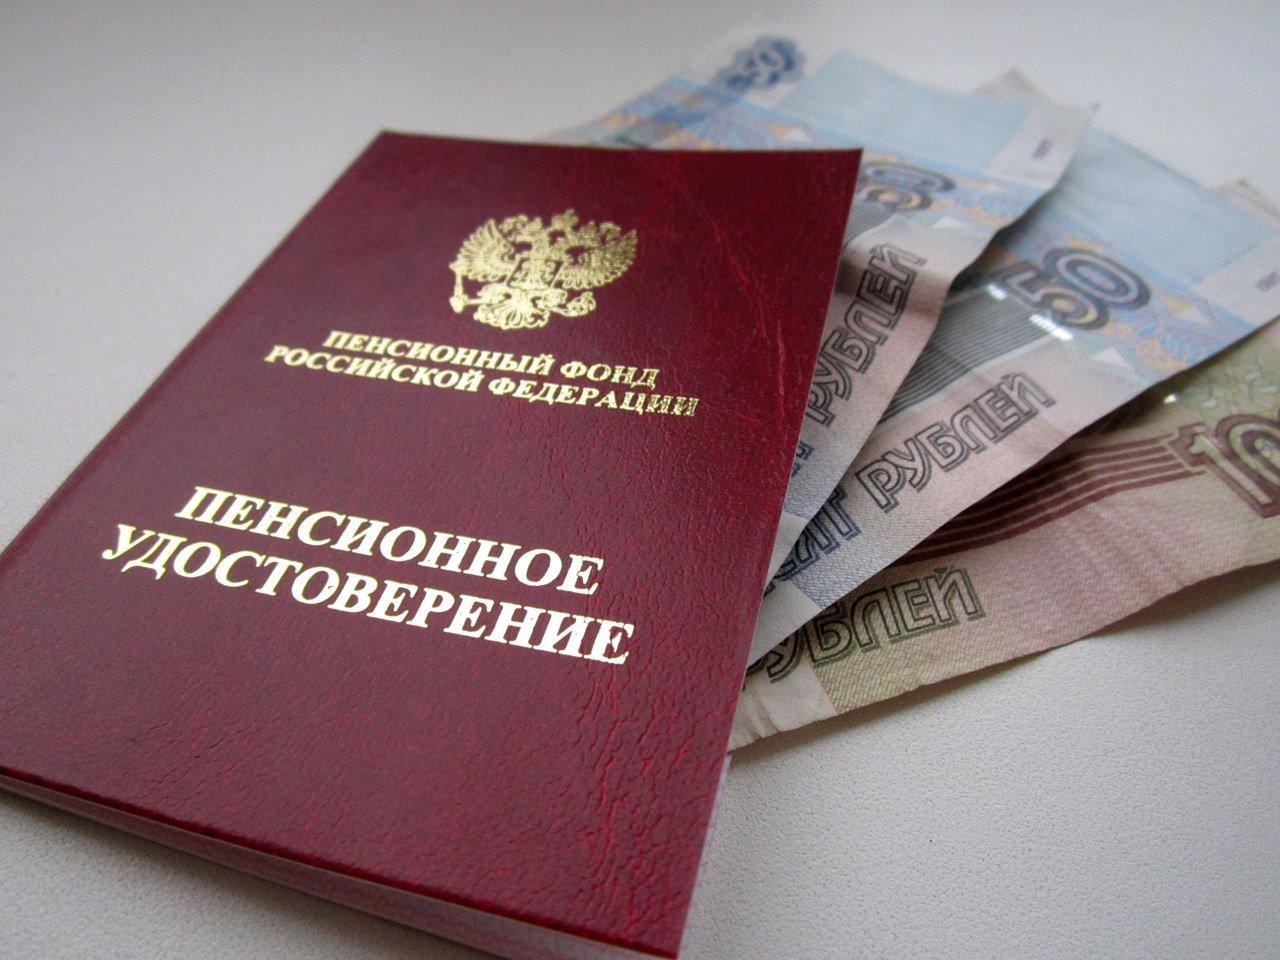 Предусмотрена ли доплата к пенсии в 2020 году для тех, кто менее 10 лет прописан в Москве